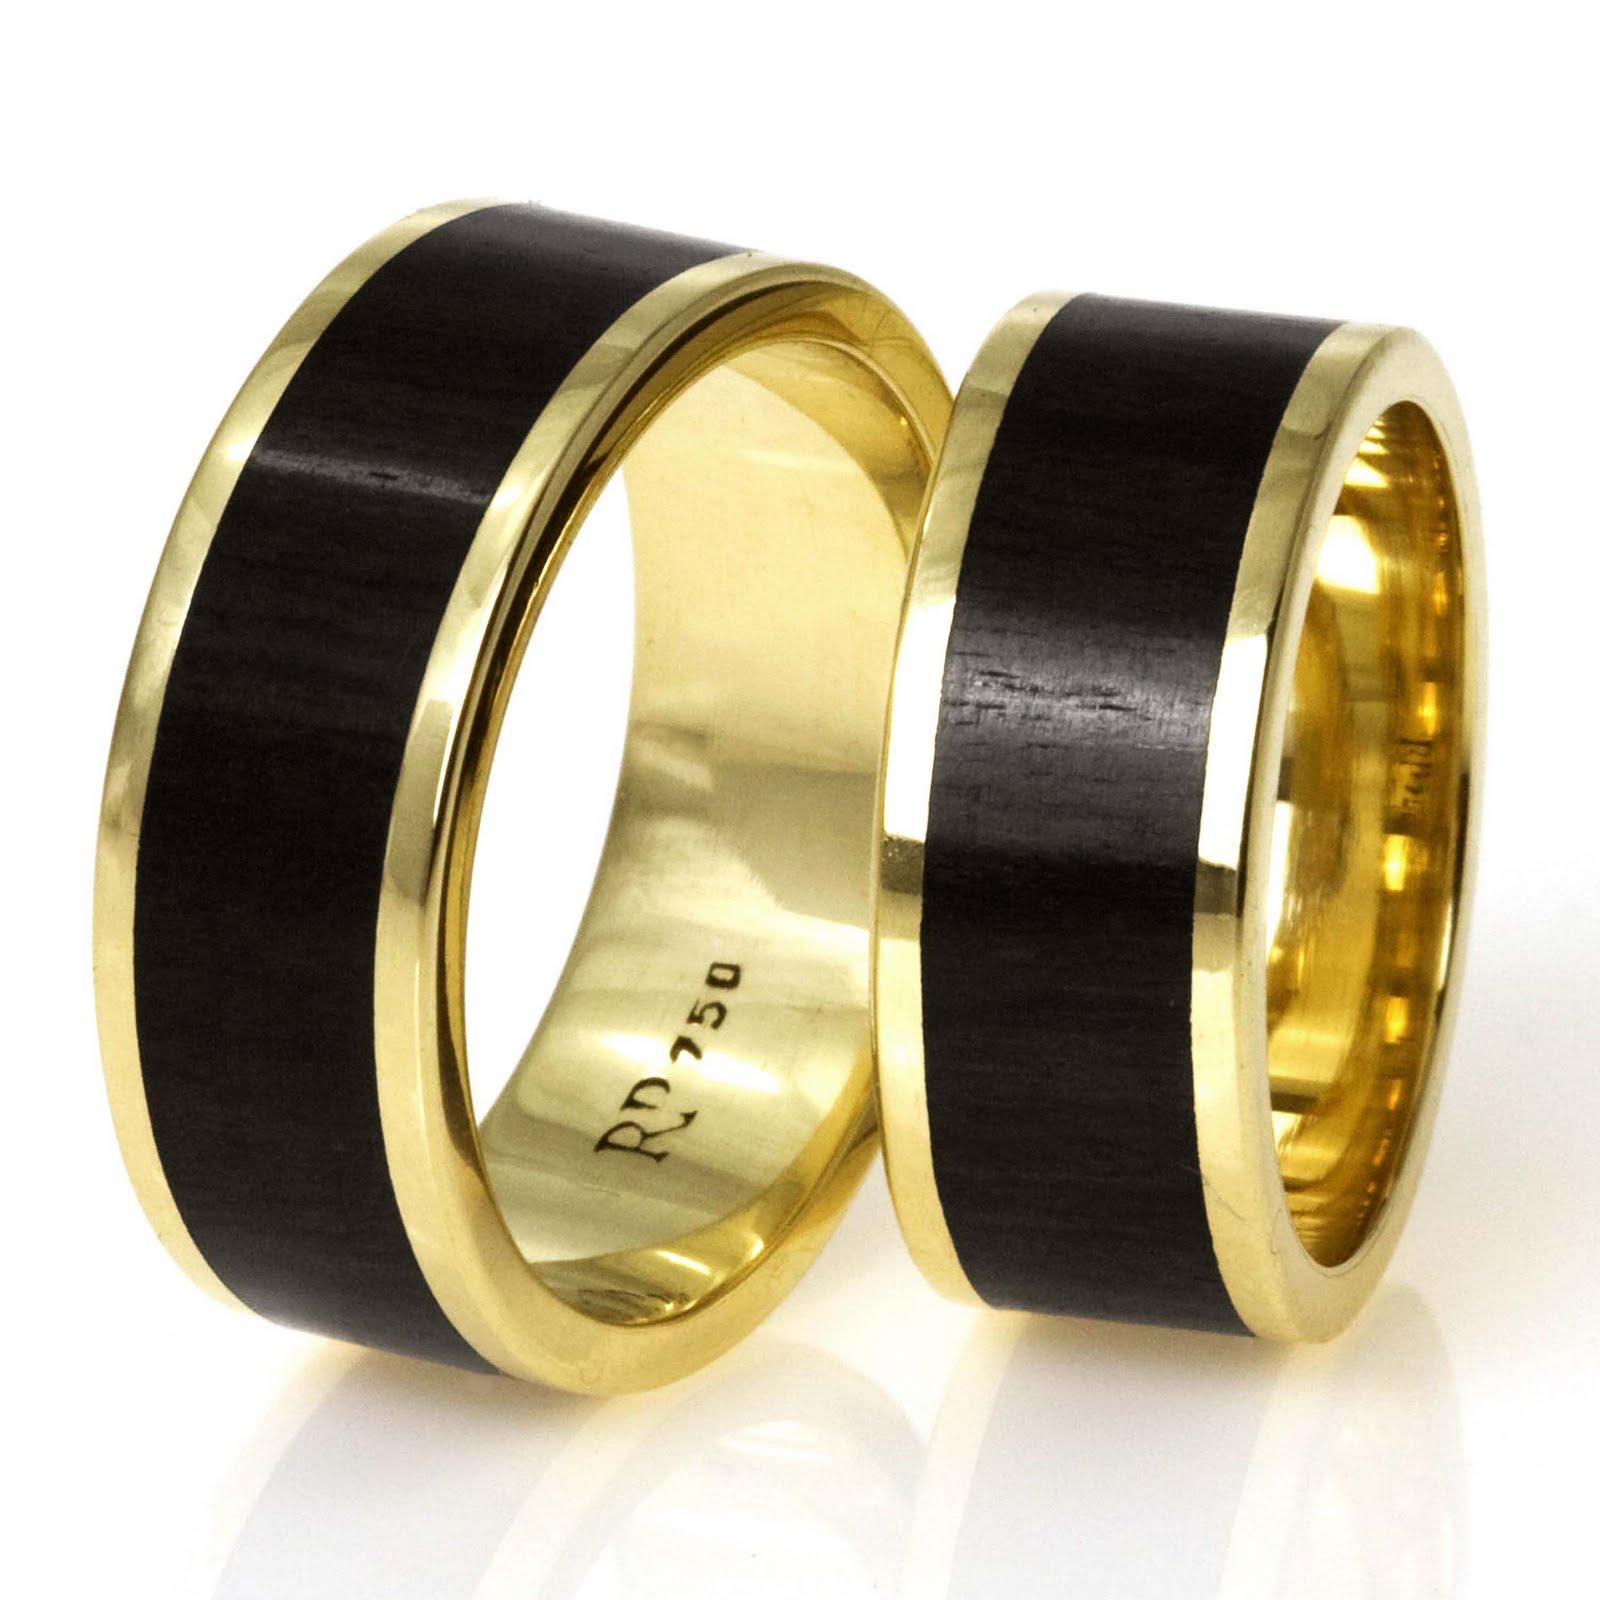 93aade897dd alianças de ouro comprar - Allianze  Alianças de Casamento Noivado e  Compromisso